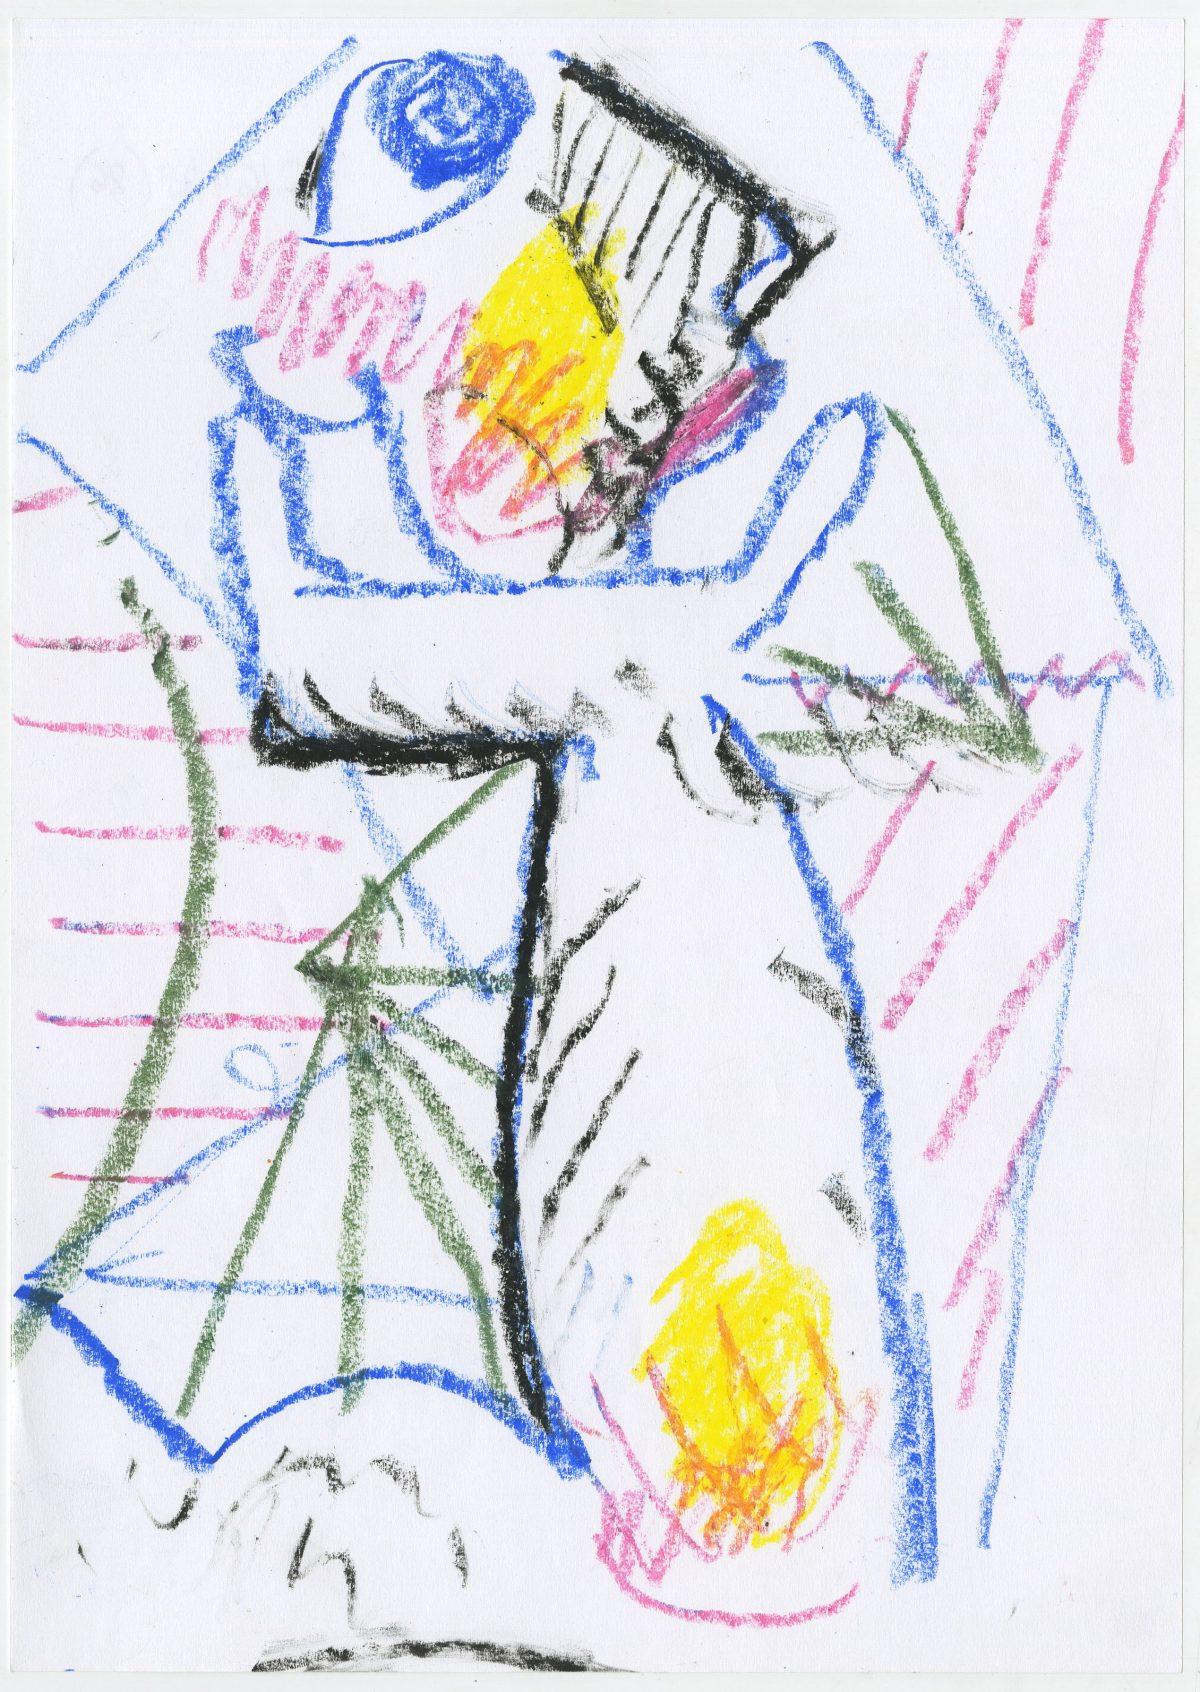 G16428(86)<br/> <b>Cím:</b> Magam is korunk gyermeke vagyok … <br/> <b>Méret cm:</b> 29,7x21 <br/> <b>Készült:</b> 2005. <br/> <b>Technika:</b> pasztell<br/>